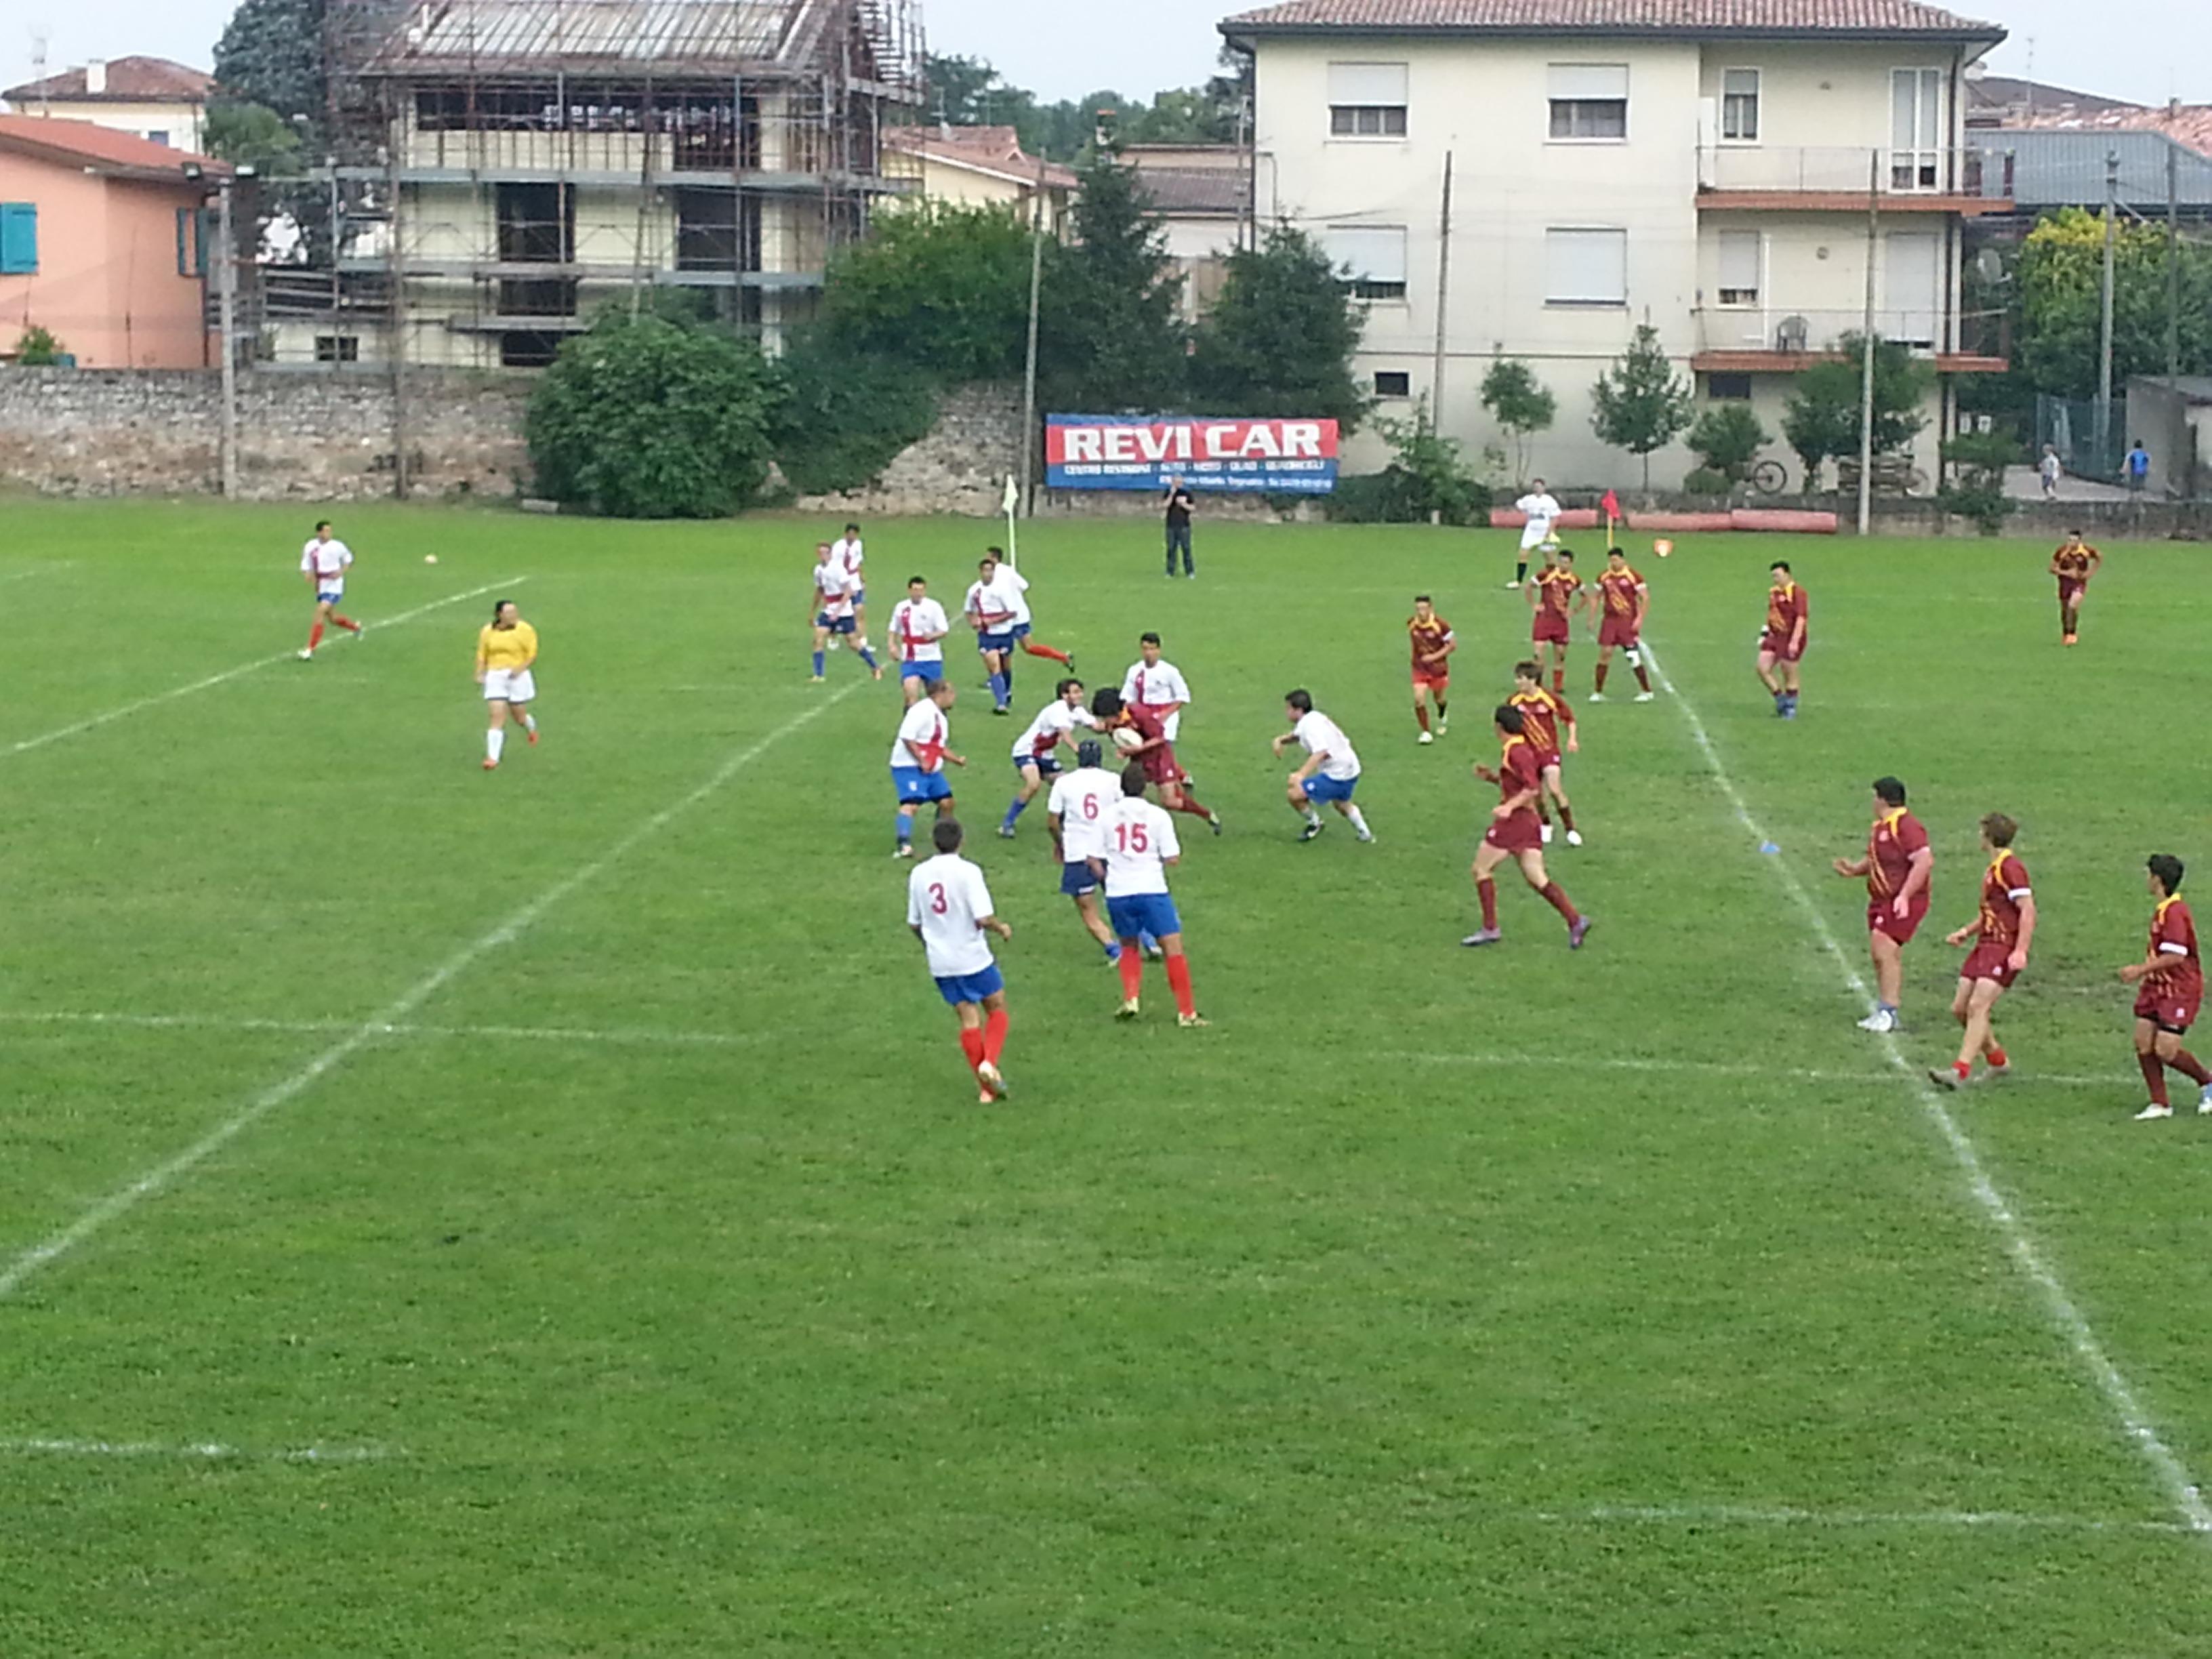 Прошлог викенда одигран је и Италијански Куп по пореклу, и селектована репрезентација за сусрет са Србијом